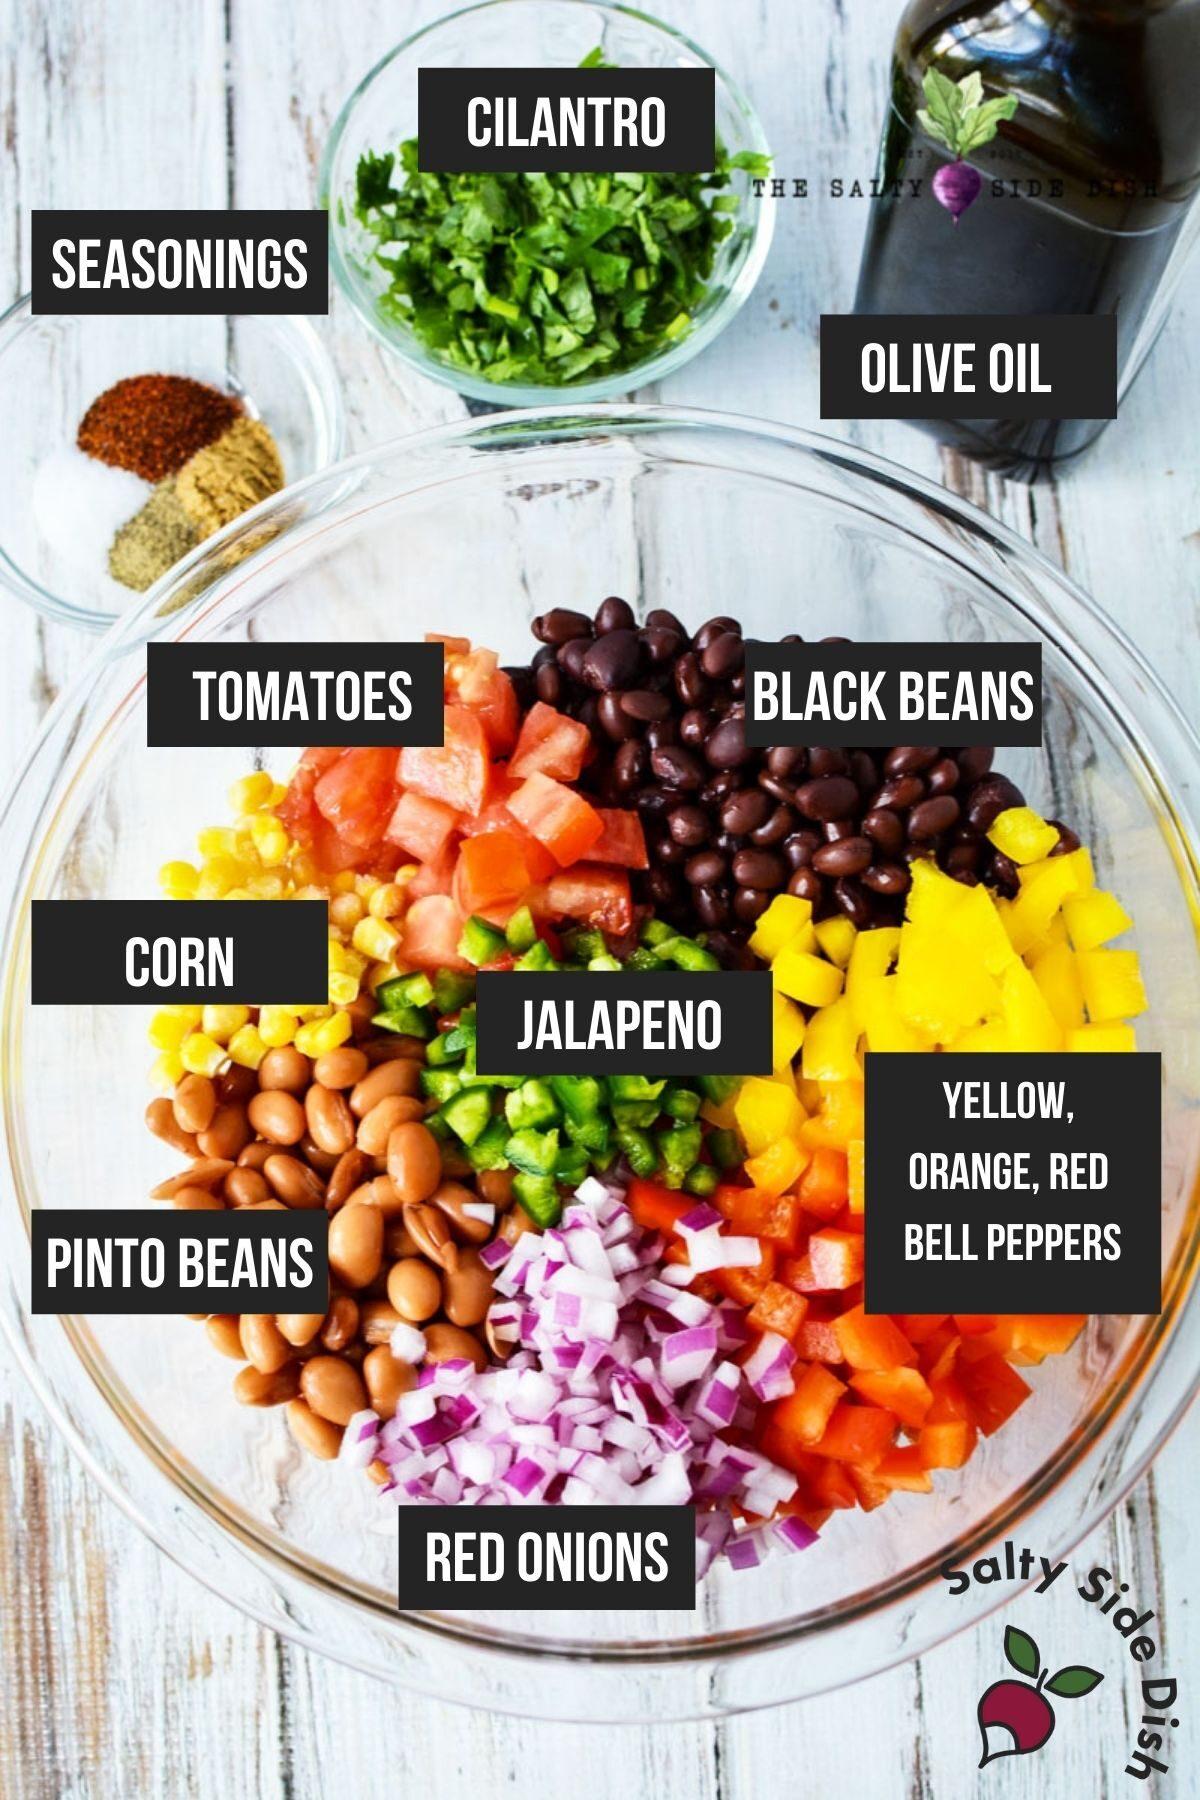 cowboy caviar ingredients.